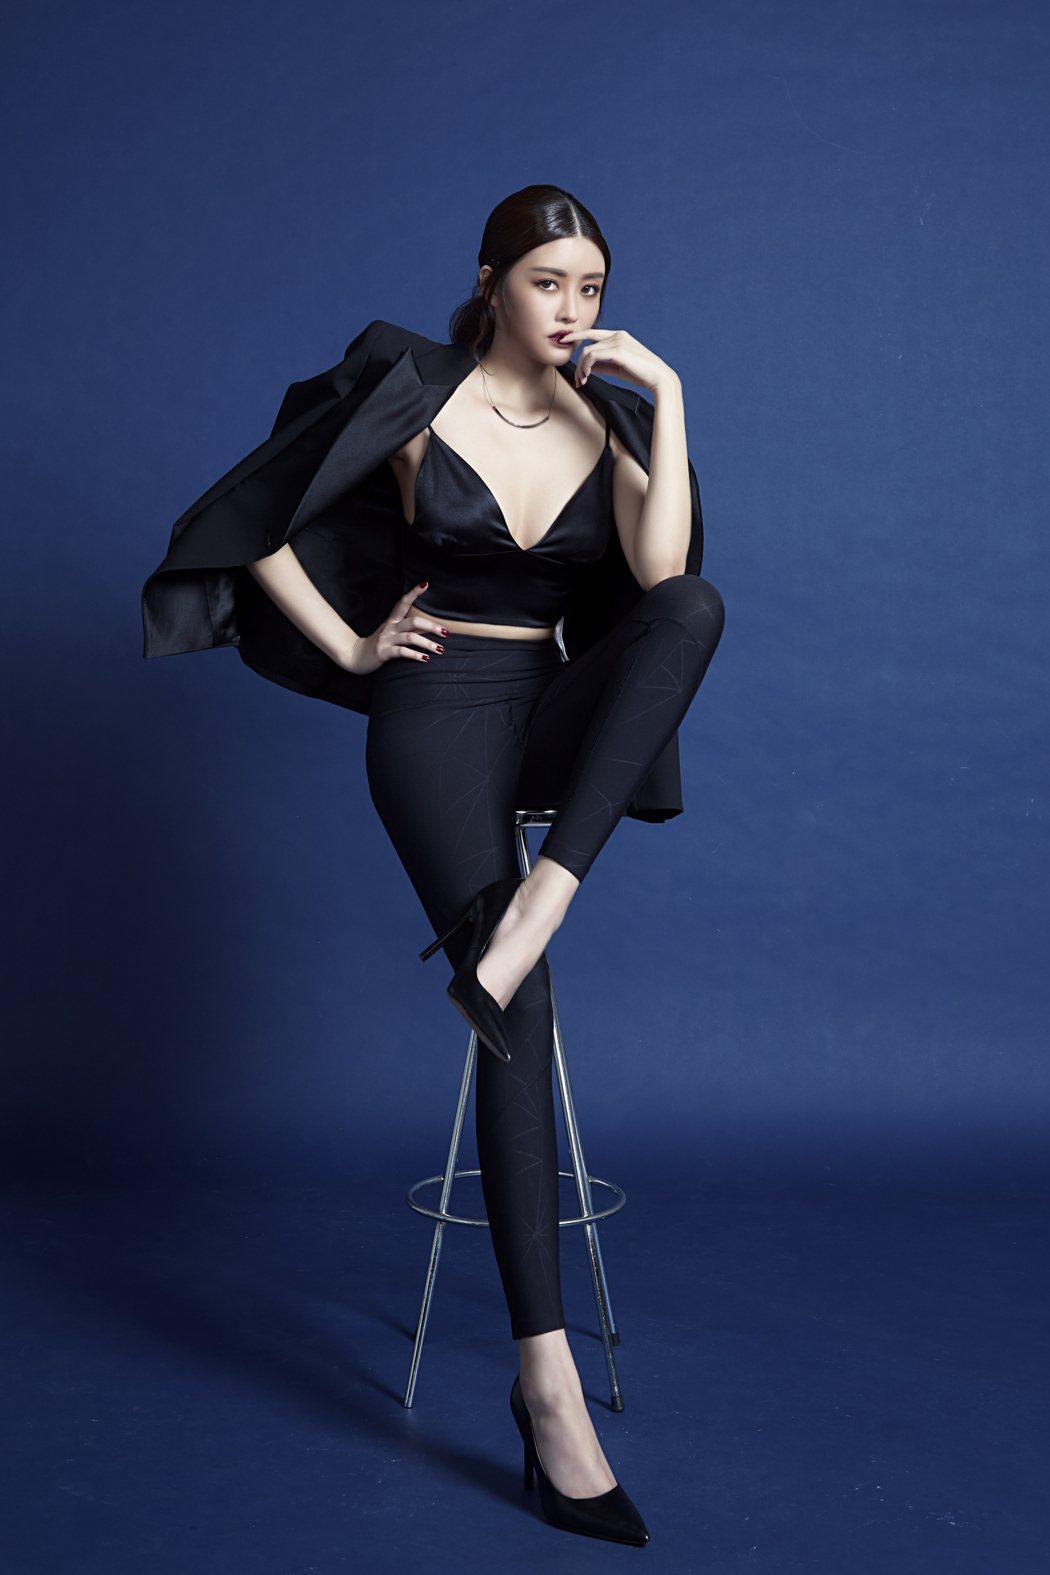 賴琳恩拍攝貼身褲宣傳照,帥氣性感、風情萬種。圖/伊林提供